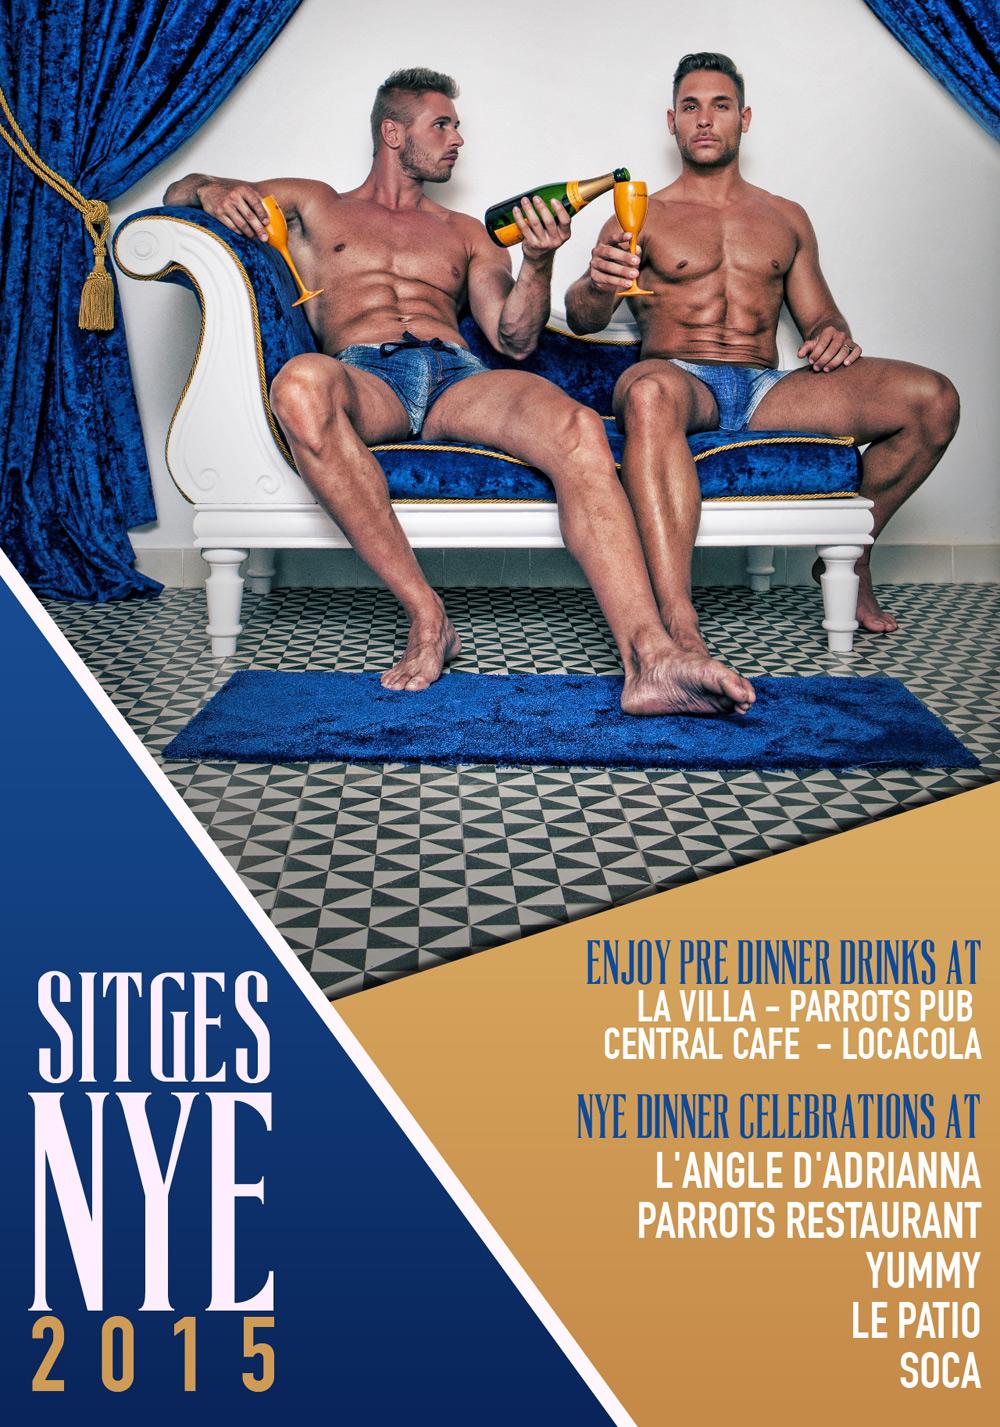 NYE 2015 Sitges